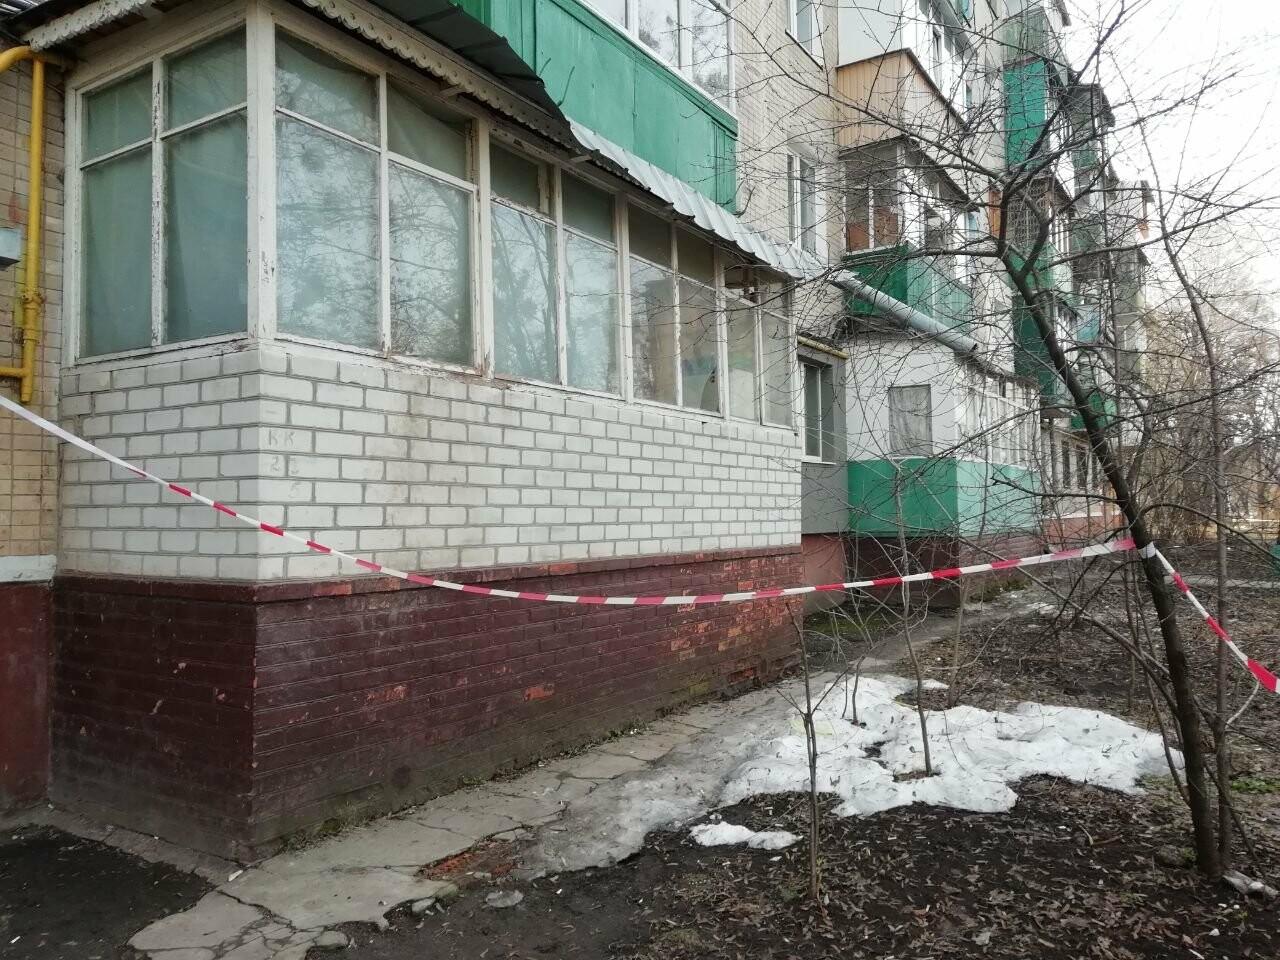 Выстрелы возле дома и неизвестные в масках: что рассказали жители о стрельбе на Московском проспекте, - ФОТО, фото-20